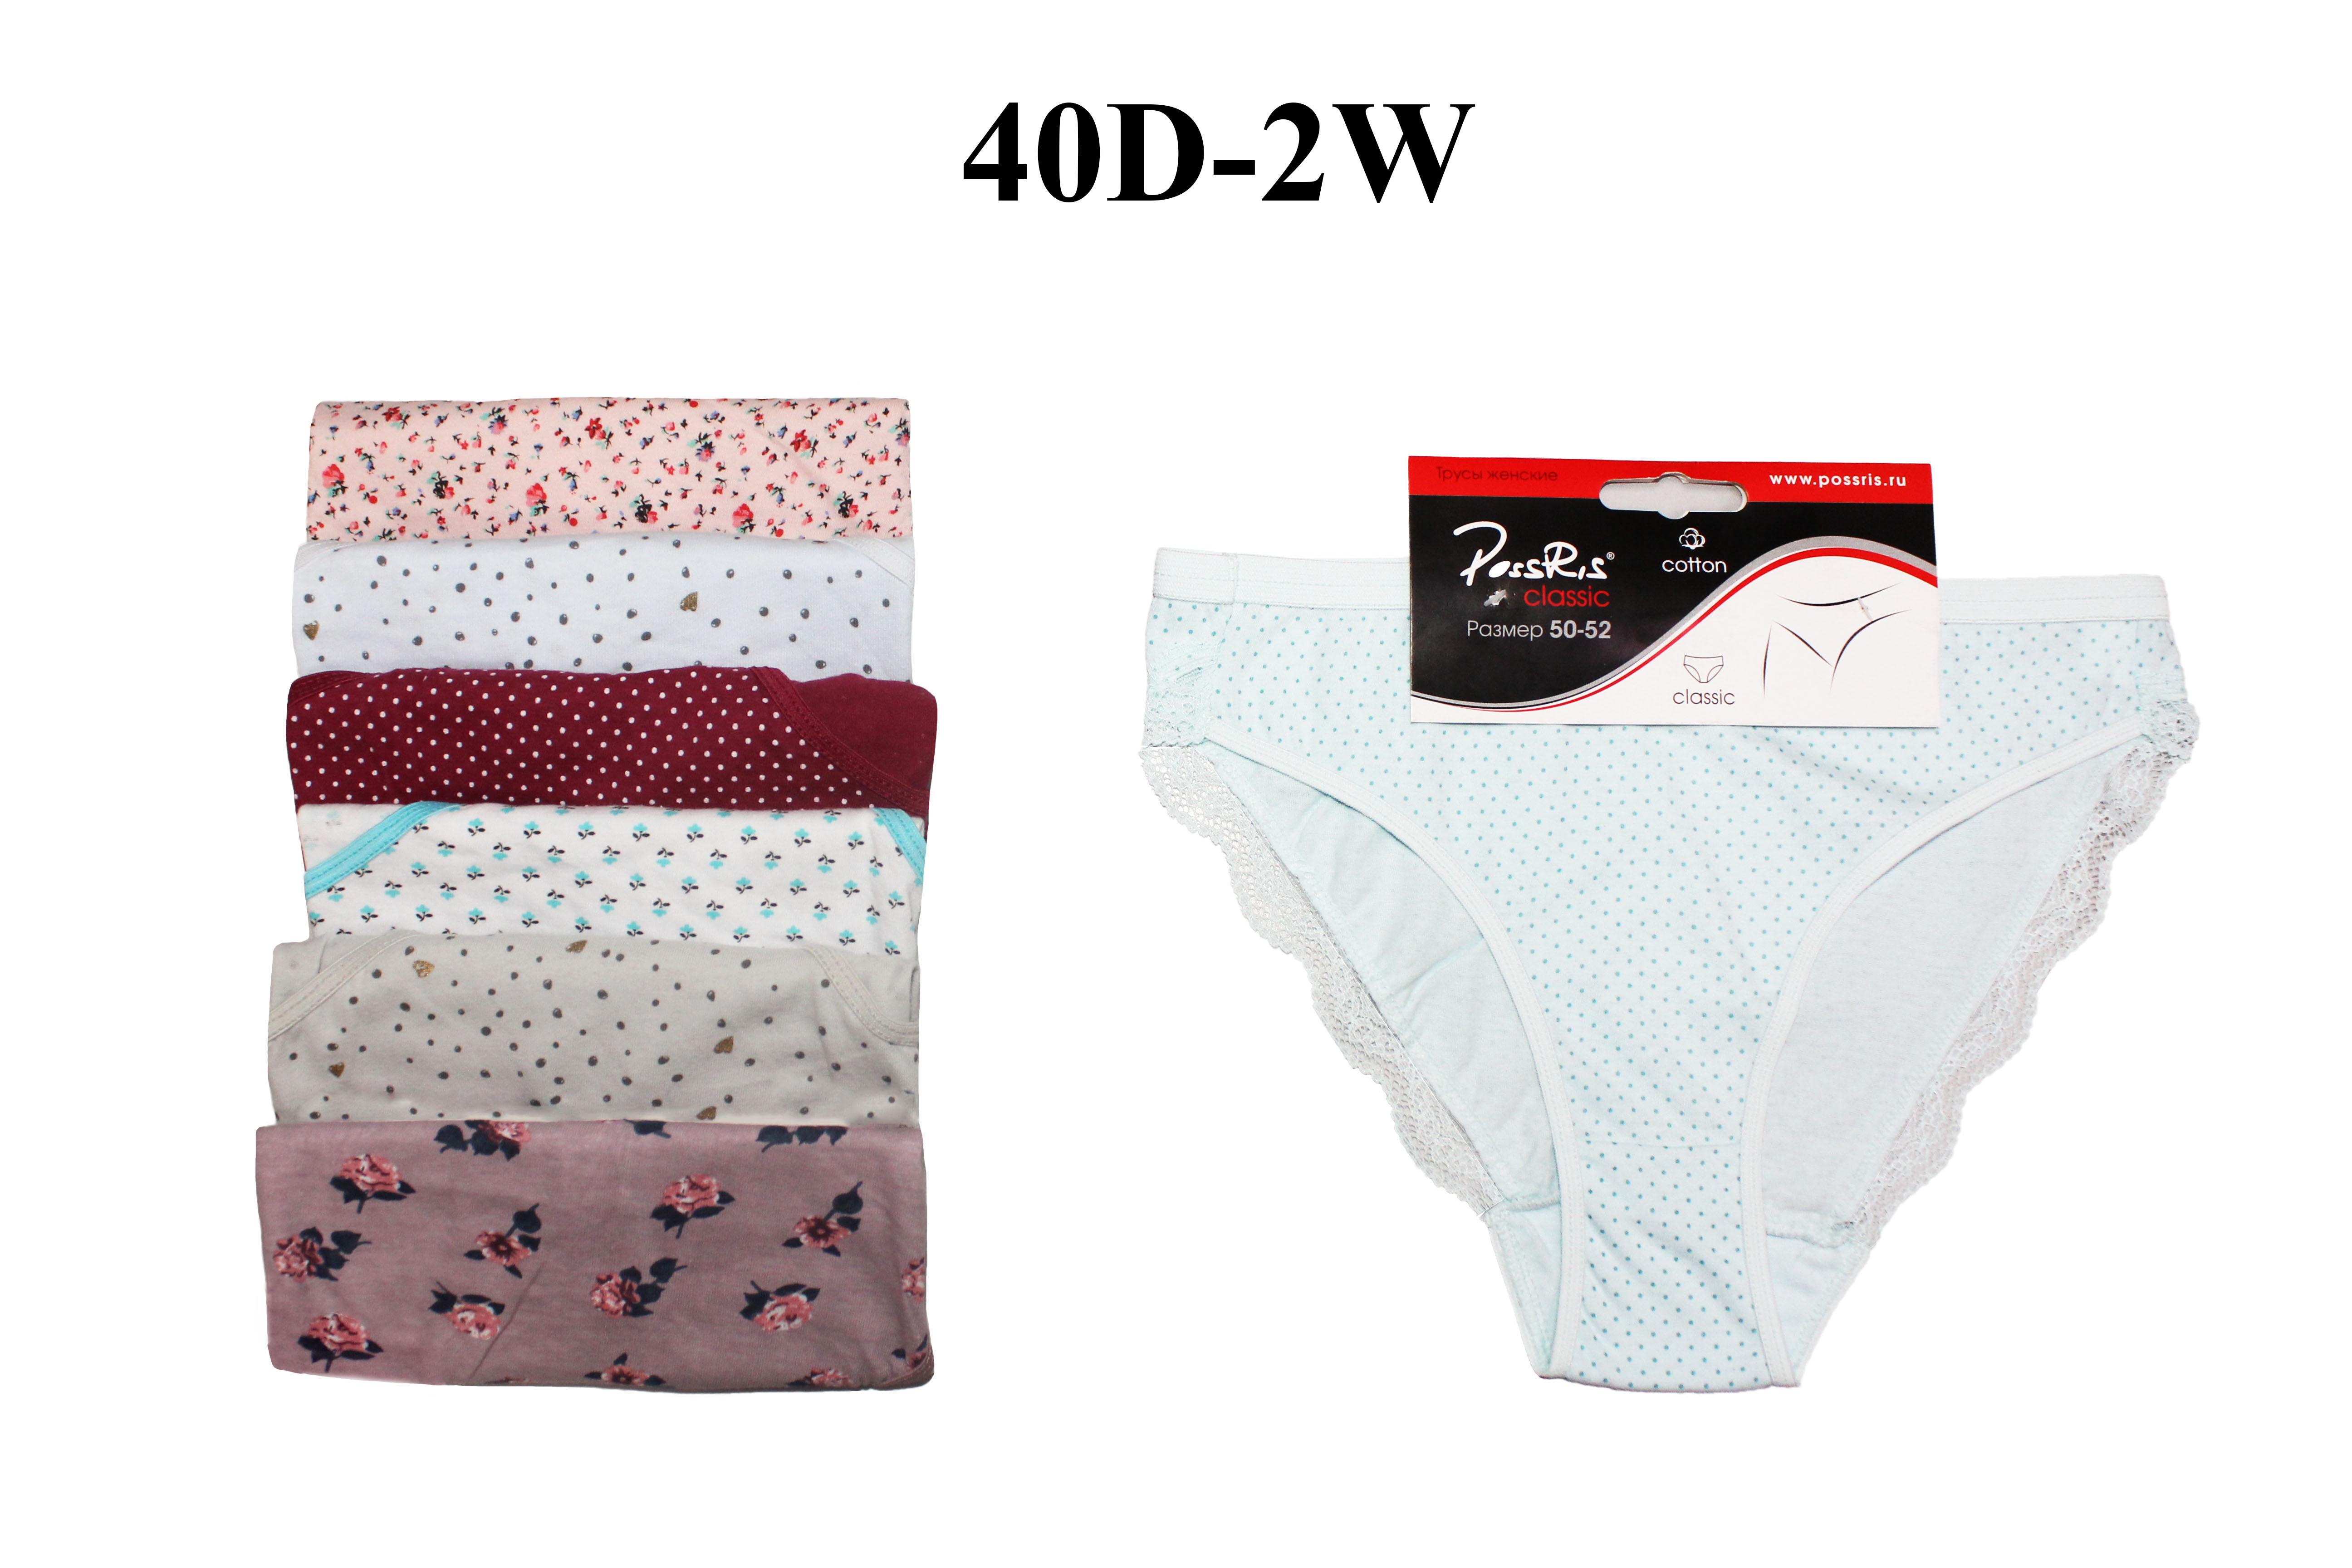 Купить нижнее белье женское новосибирск роллеры купить в интернет магазине для лица